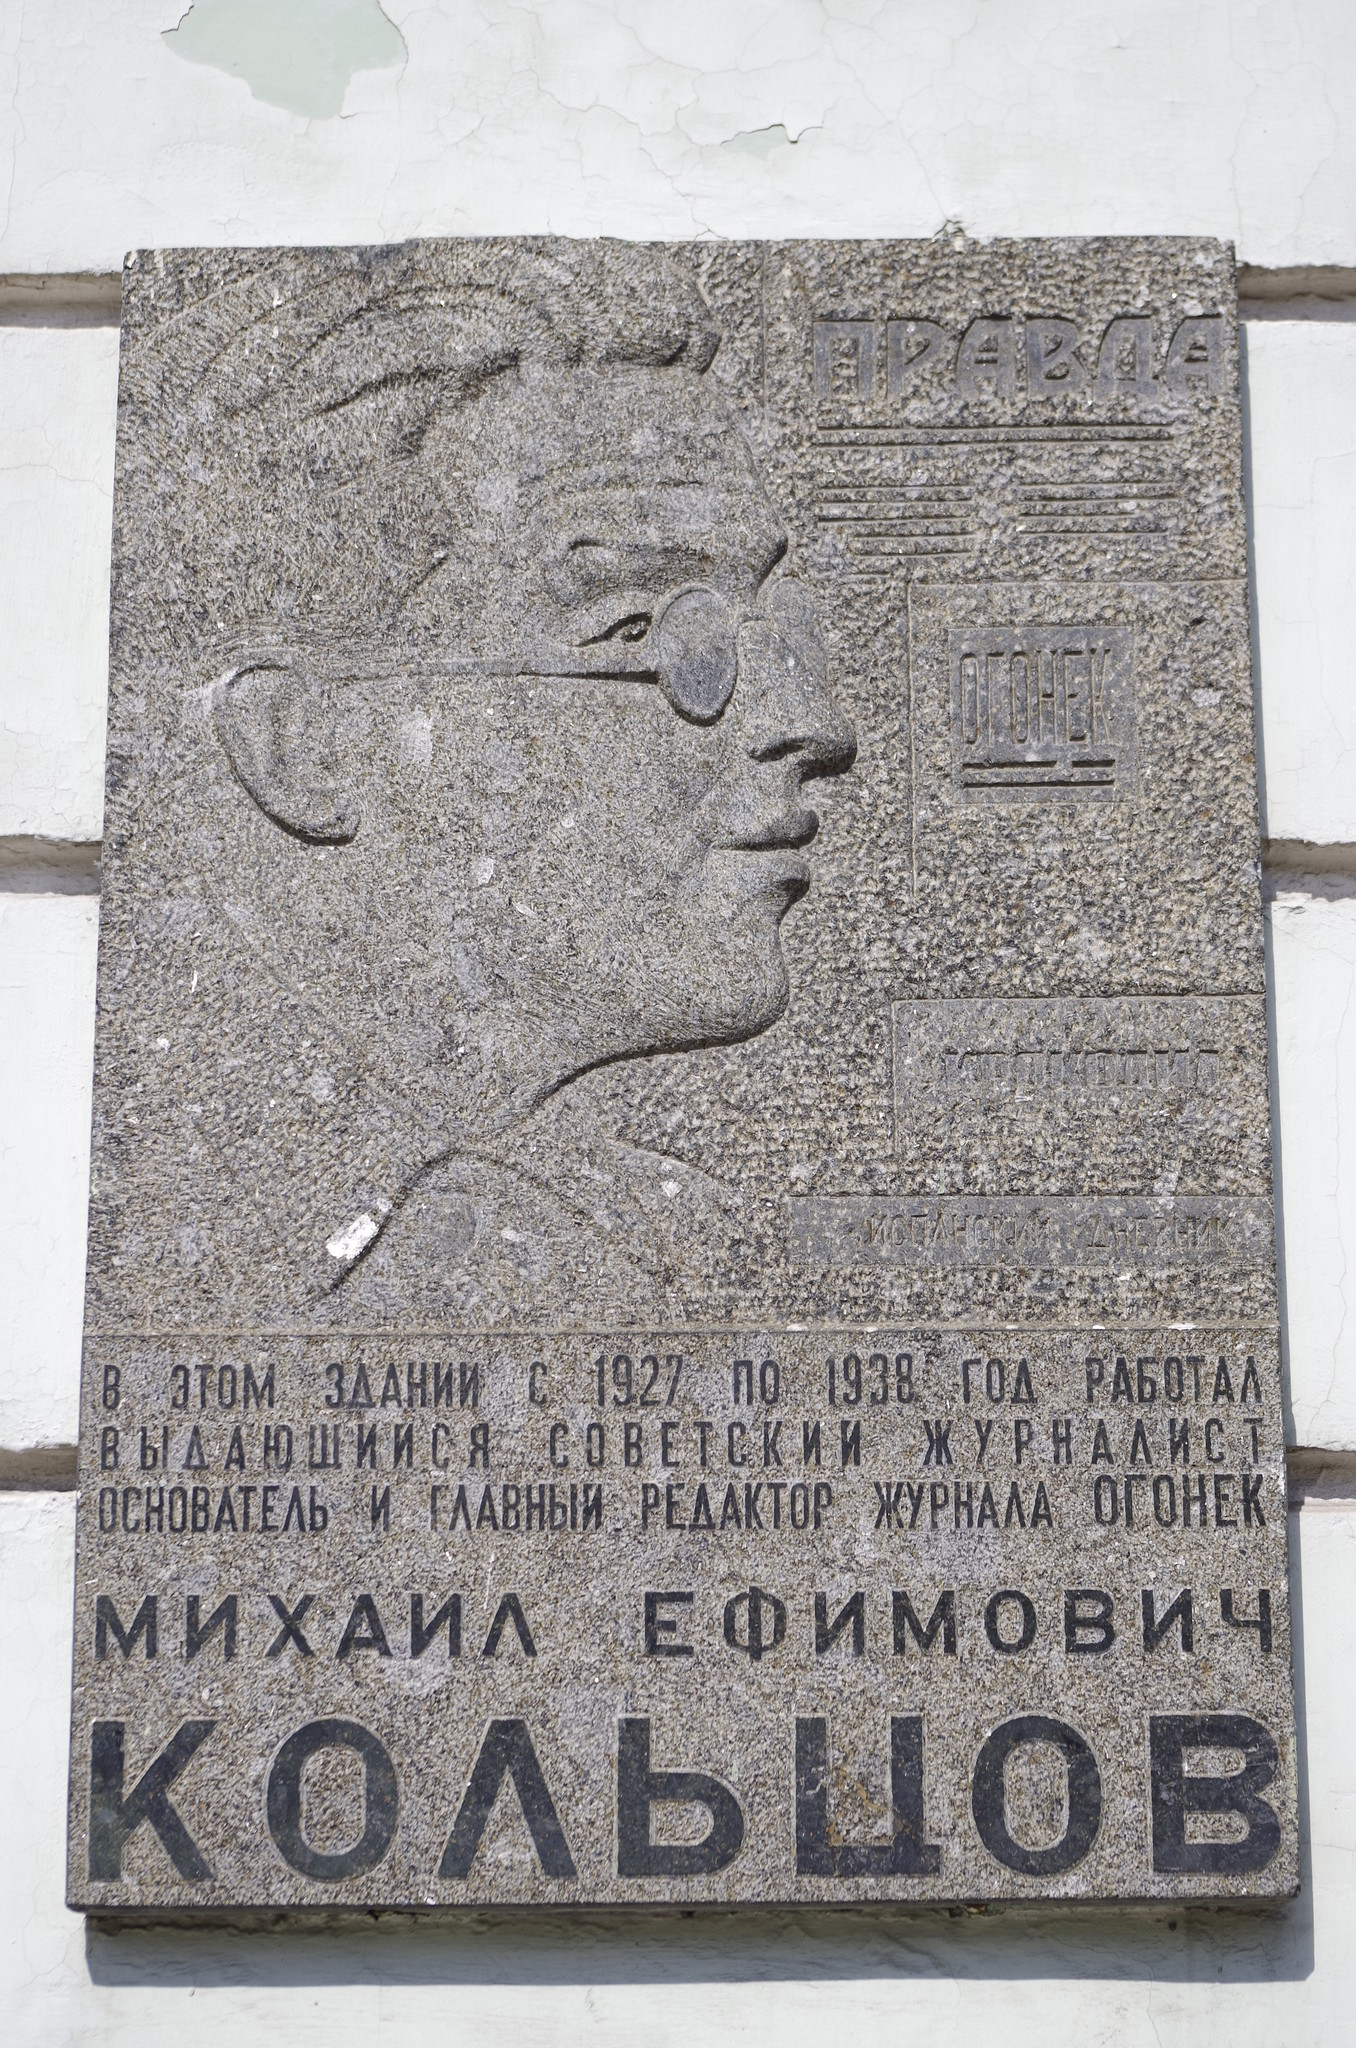 Мемориальная доска Михаилу Ефимовичу Кольцову (Страстной бульвар, дом 11)